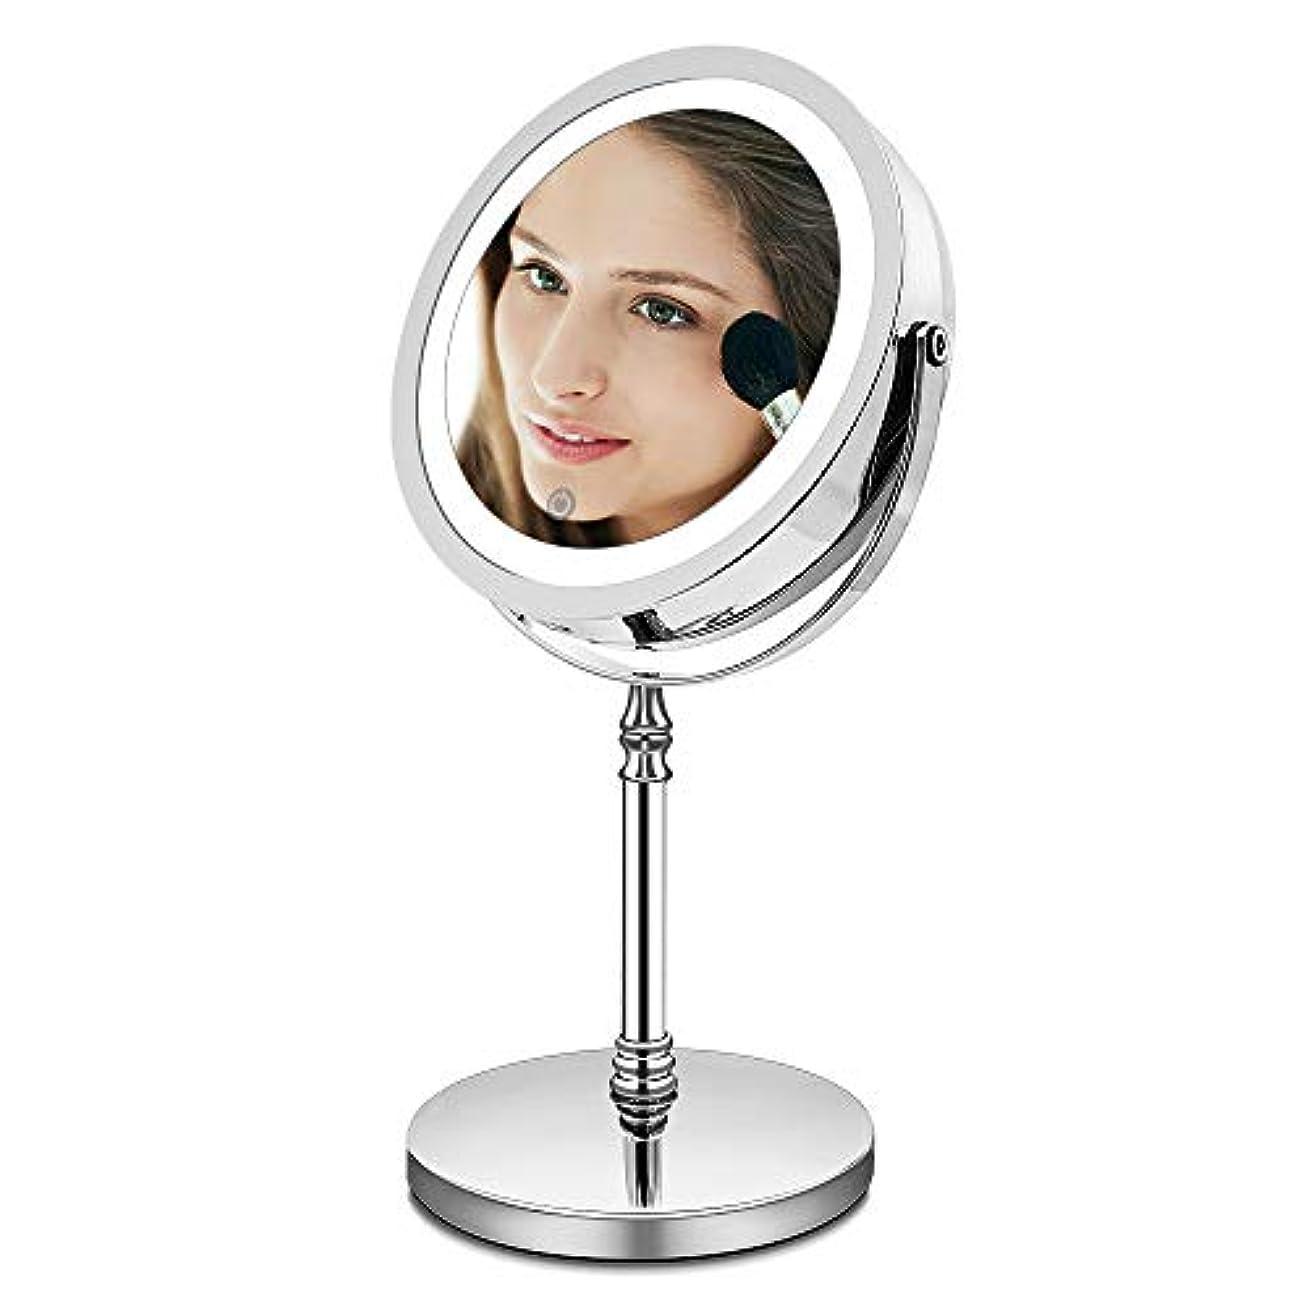 宇宙飛行士メモ居間AMZTOLIFE 10倍拡大鏡+等倍鏡 化粧鏡 ライト付き 卓上鏡 ミラー 鏡 化粧ミラー メイクアップミラー スタンドミラー 360度回転 明るさ調節 日本語取扱説明書付き (タイチー)